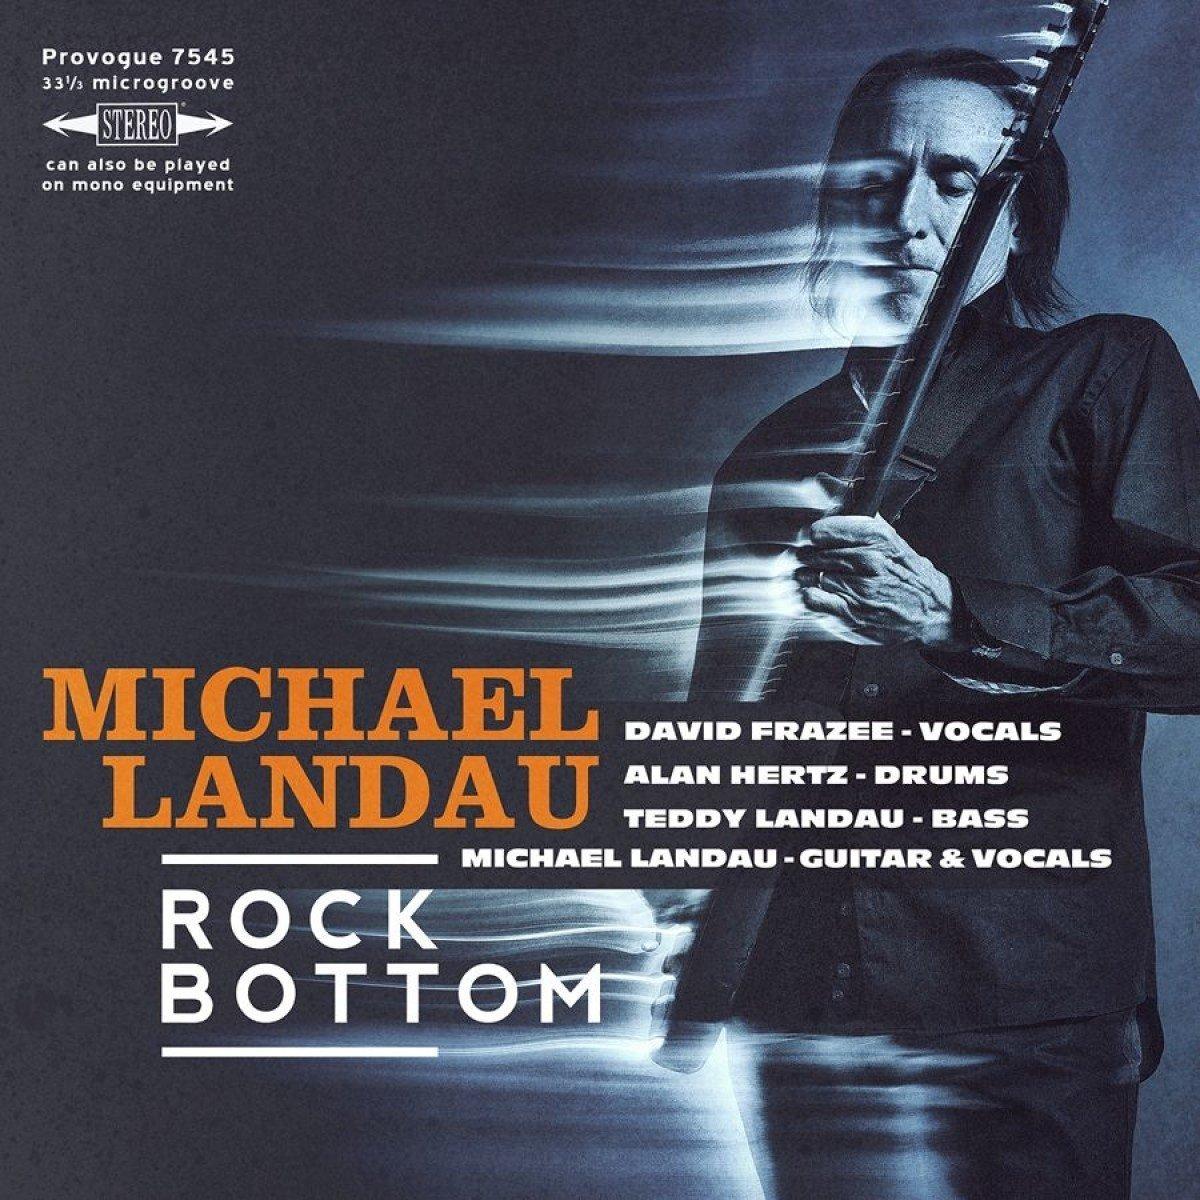 【輸入盤】ロック・ボトム [ Michael Landau (マイケル・ランドウ) ]